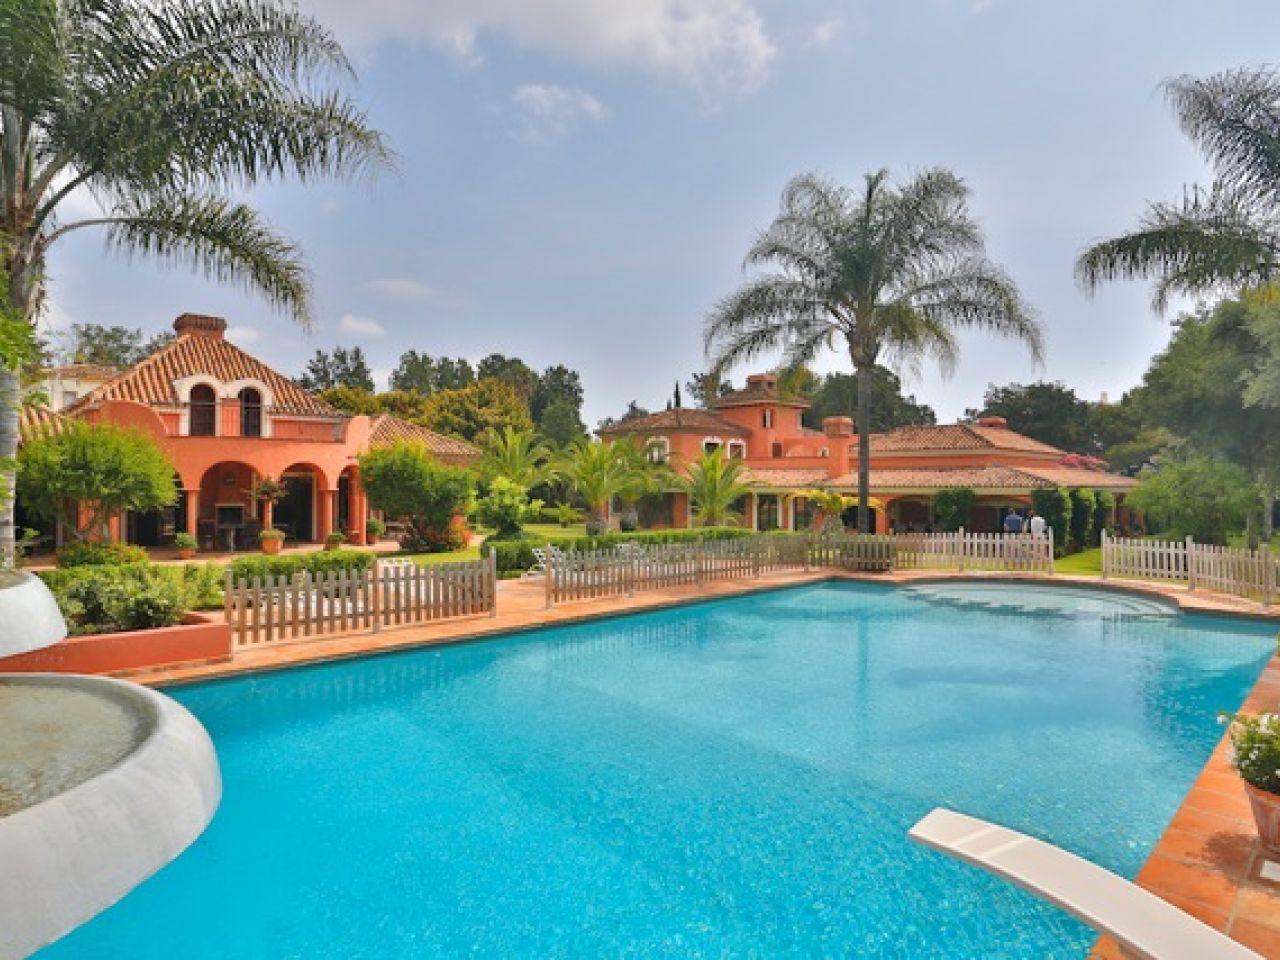 Single Family Home for Sale at Sotogrande Sotogrande, Costa Del Sol 11310 Spain